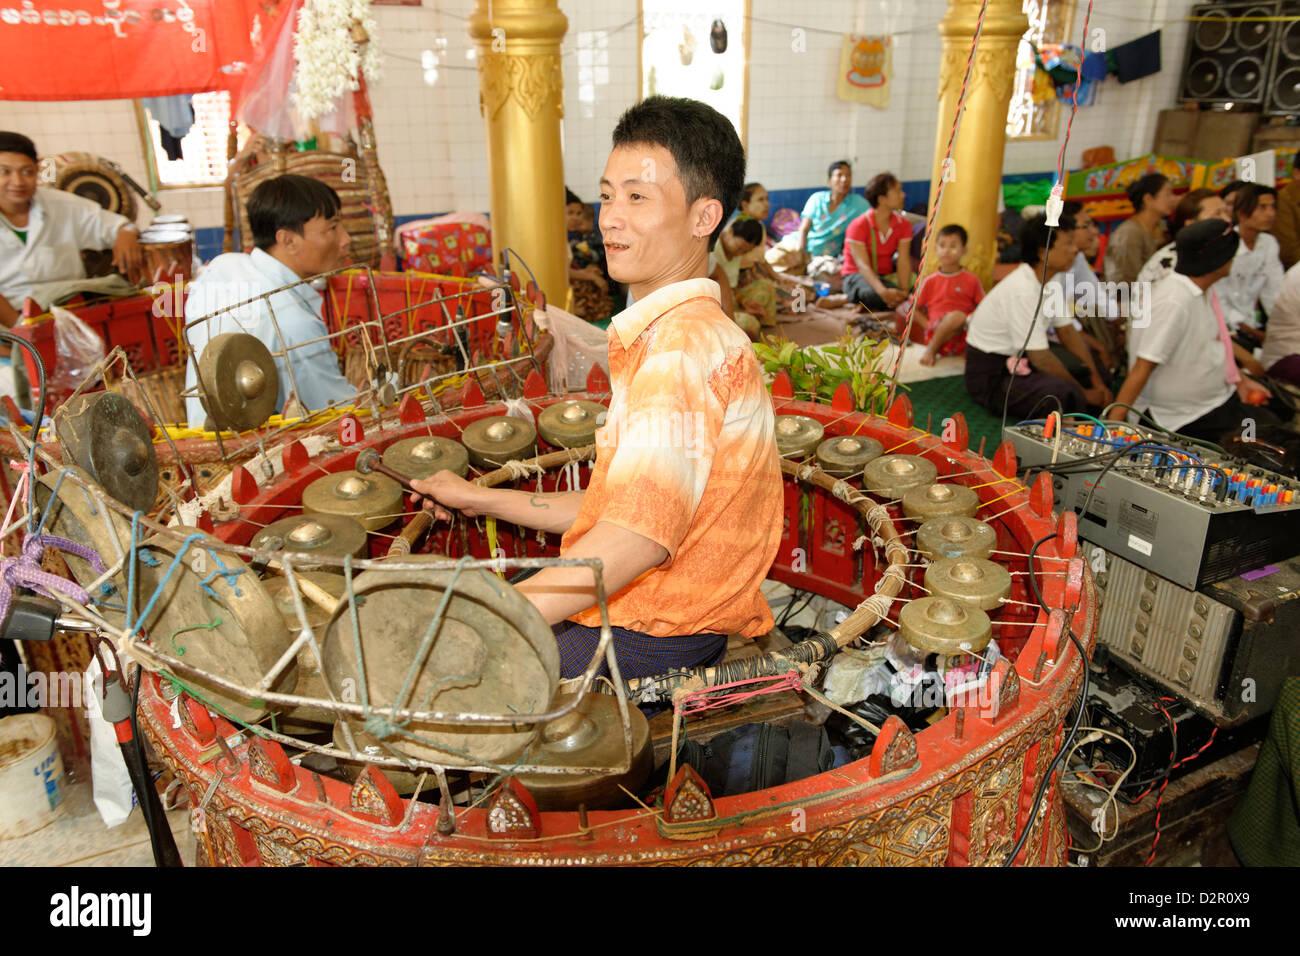 La hsaing waing, un grupo musical folklórica típica birmana, Festival de Ko Myo Shin, Pyin U Lwin, división Imagen De Stock